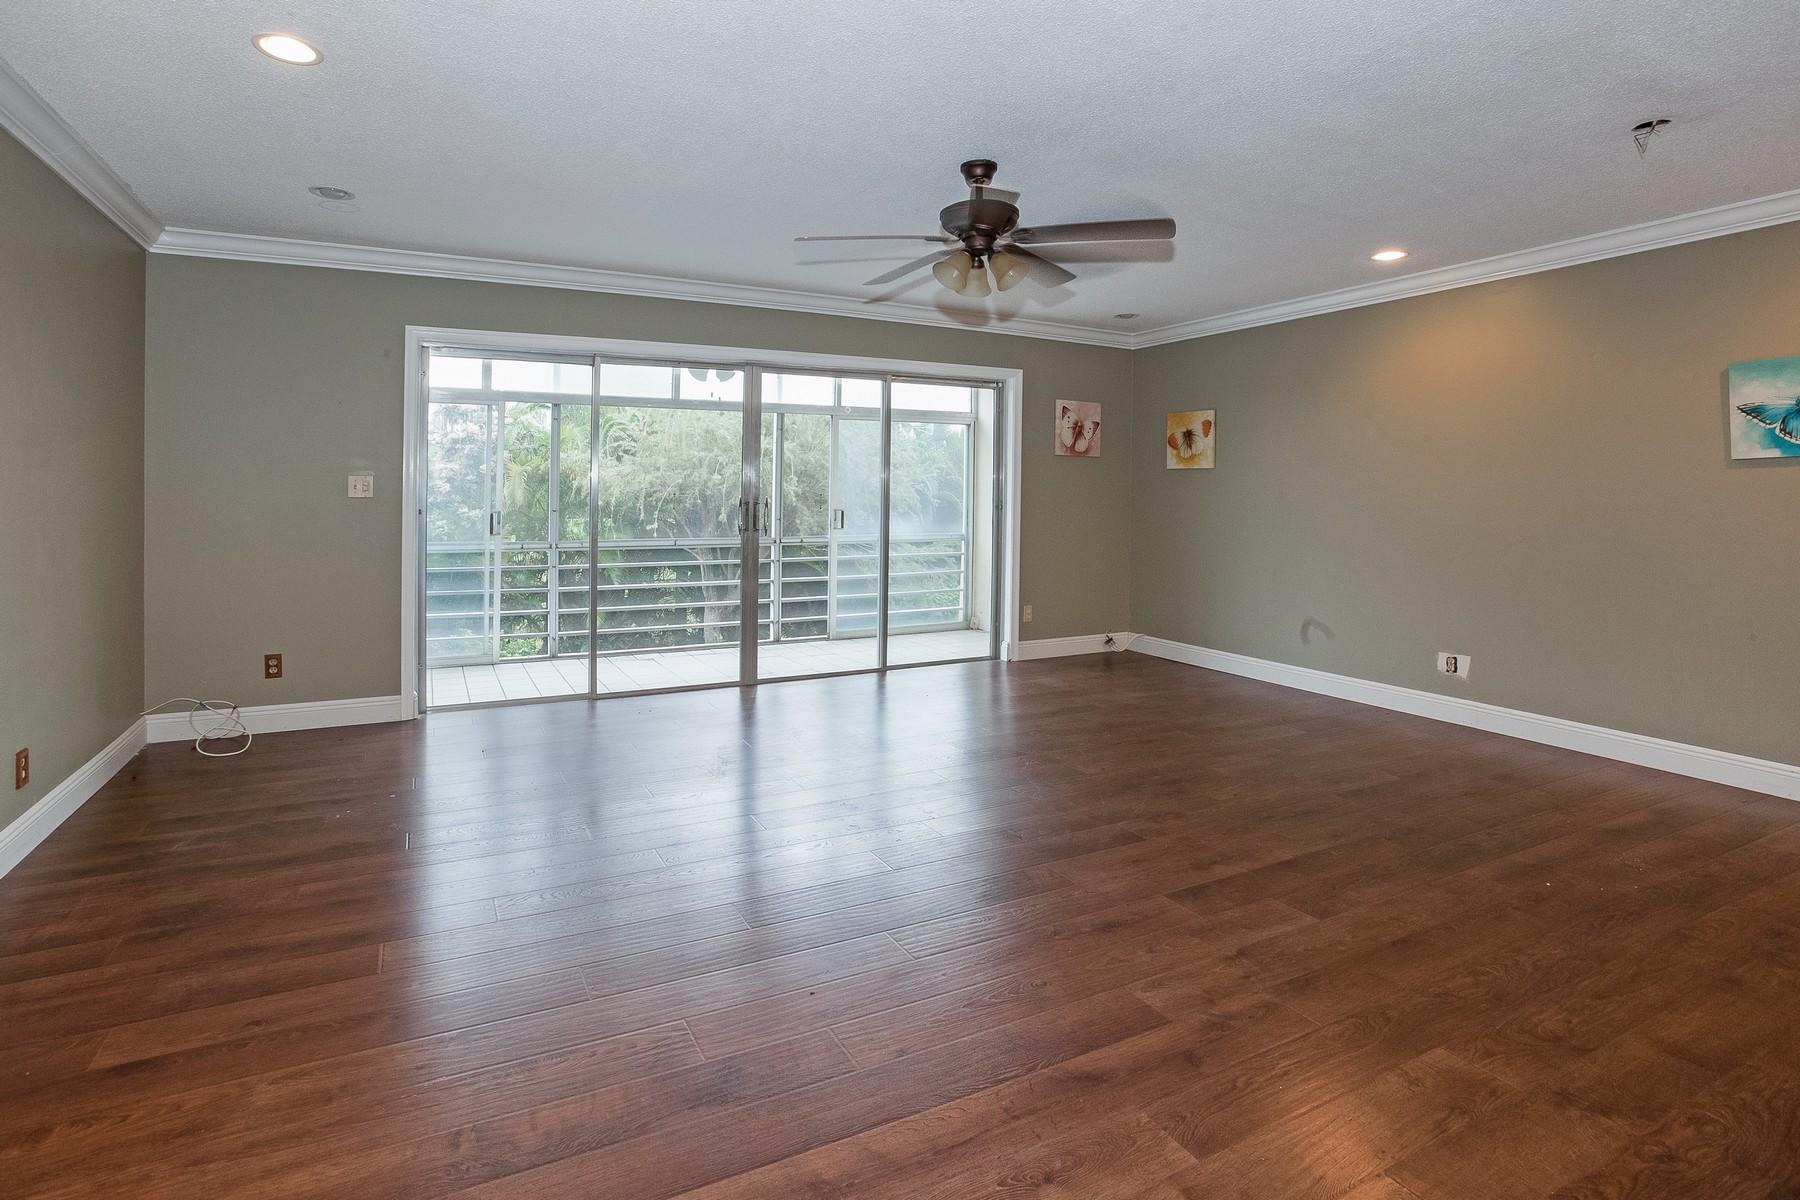 Кооперативная квартира для того Продажа на 700 NE 14 Ave #203 700 Ne 14th Ave 203 Hallandale, Флорида, 33009 Соединенные Штаты